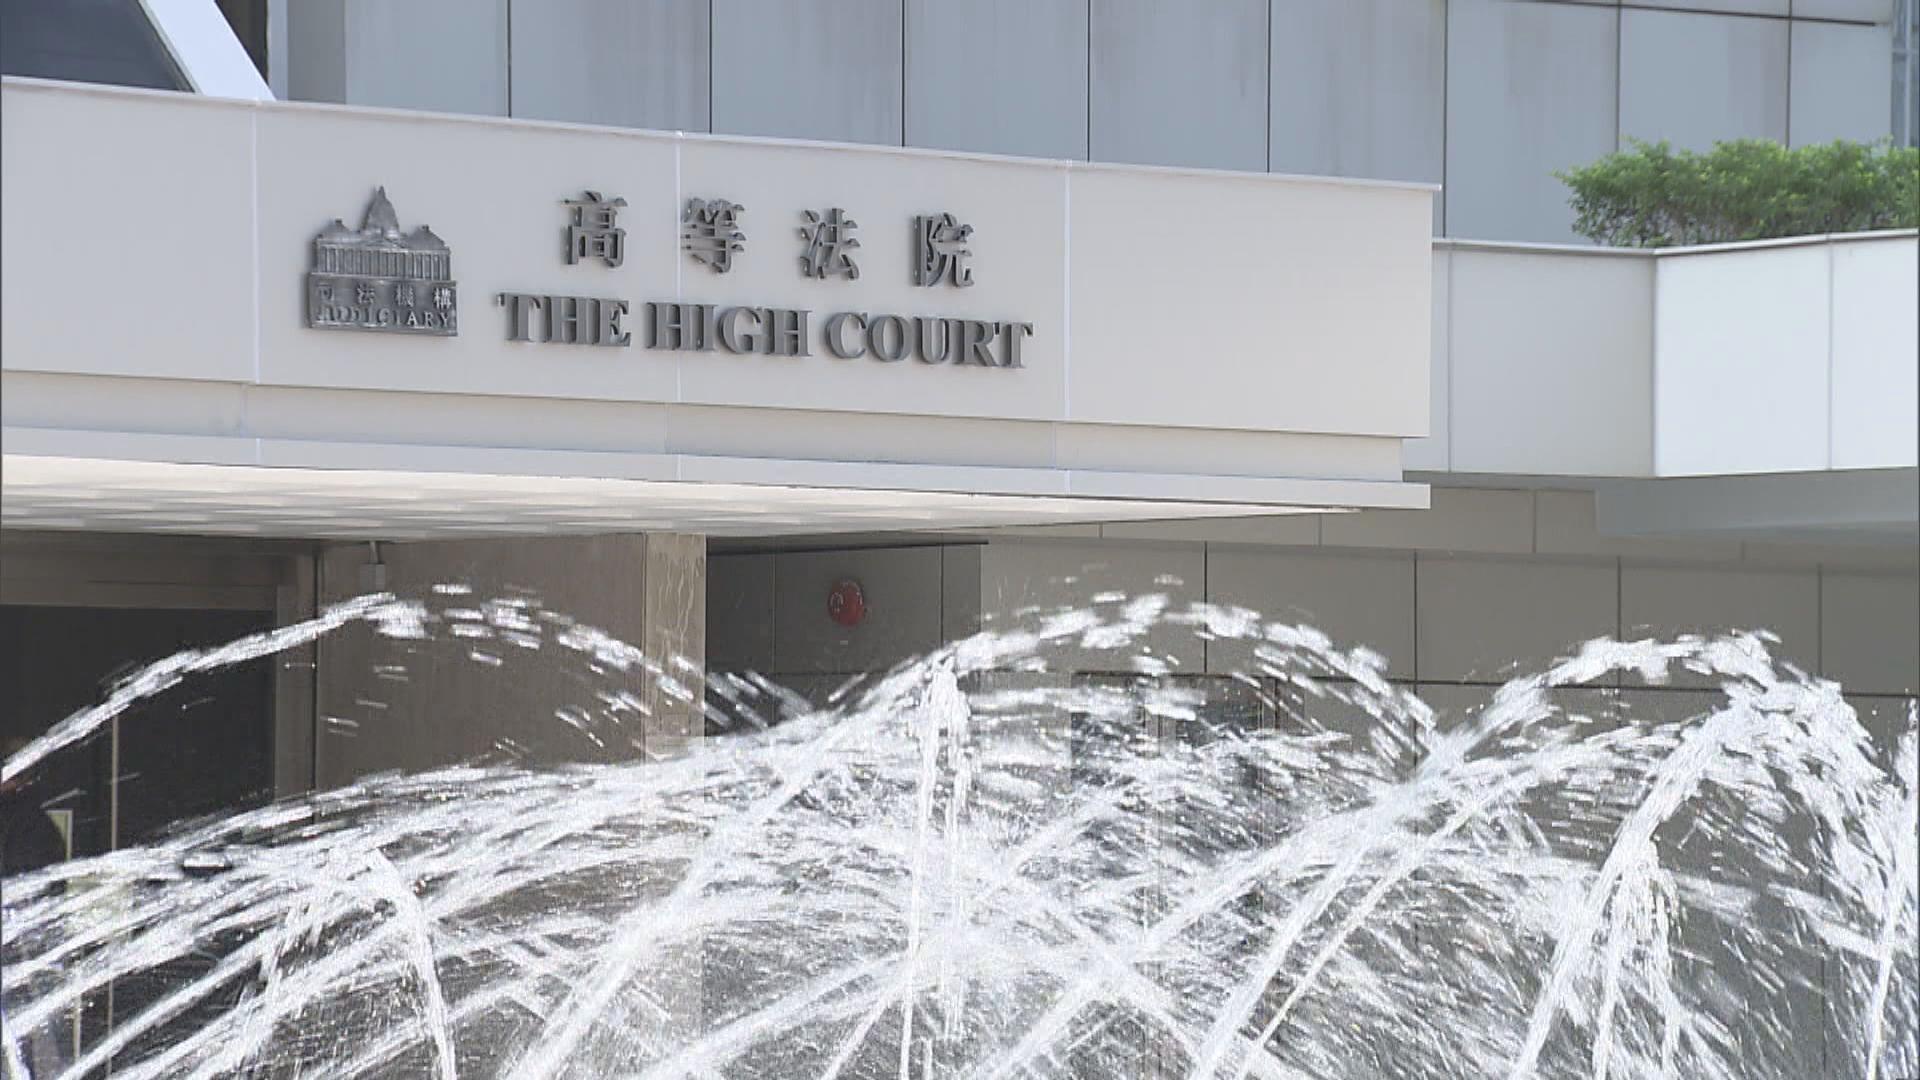 唐英傑案不設陪審團司法覆核申請 遭上訴庭駁回